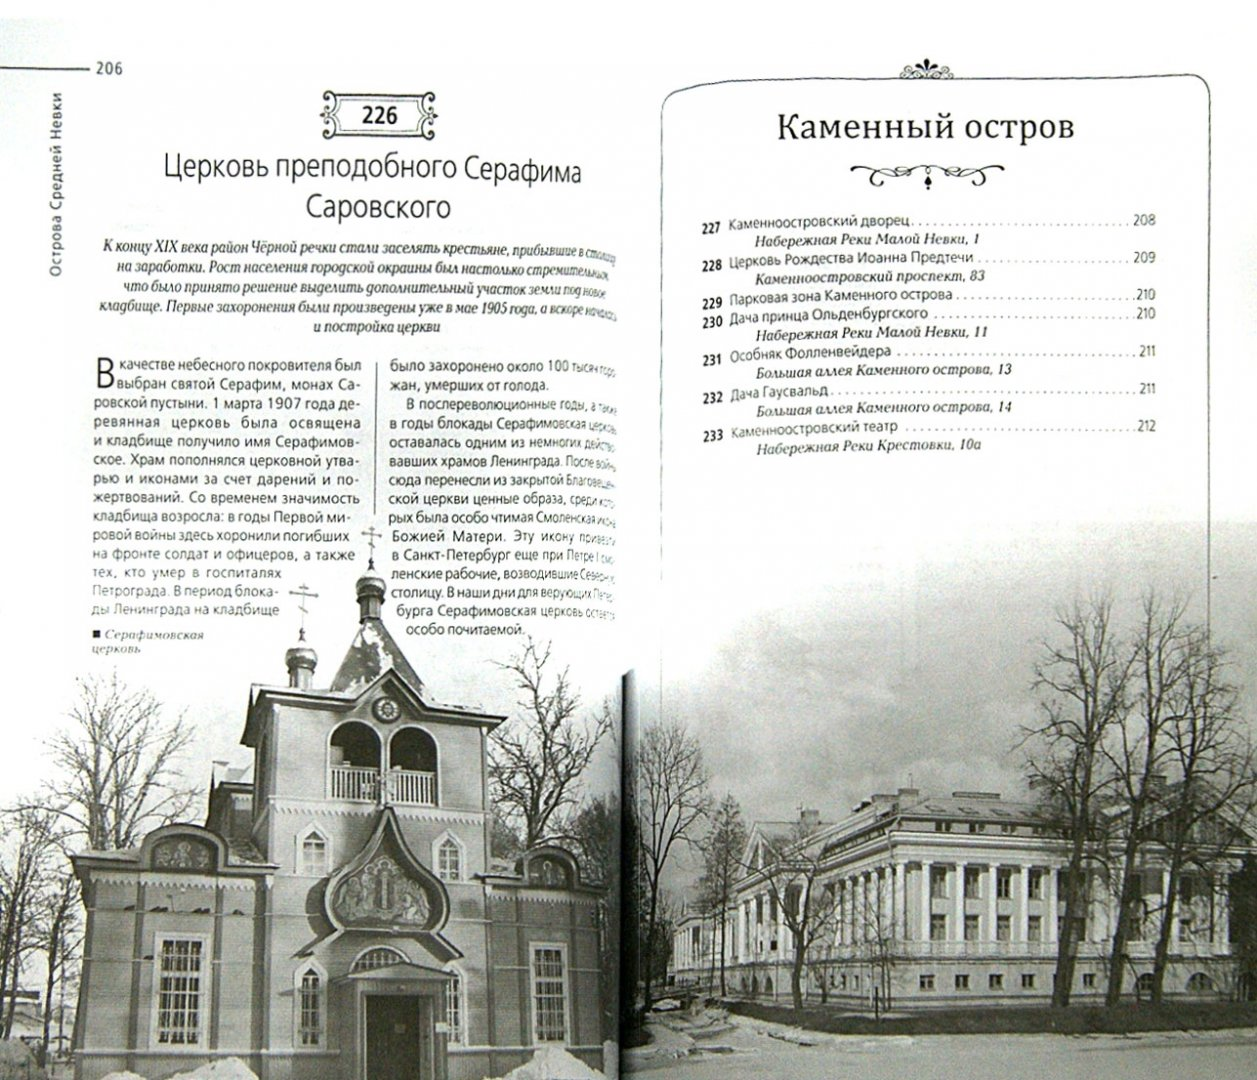 Иллюстрация 1 из 29 для 500 лучших мест Санкт-Петербурга - Марина Метальникова | Лабиринт - книги. Источник: Лабиринт